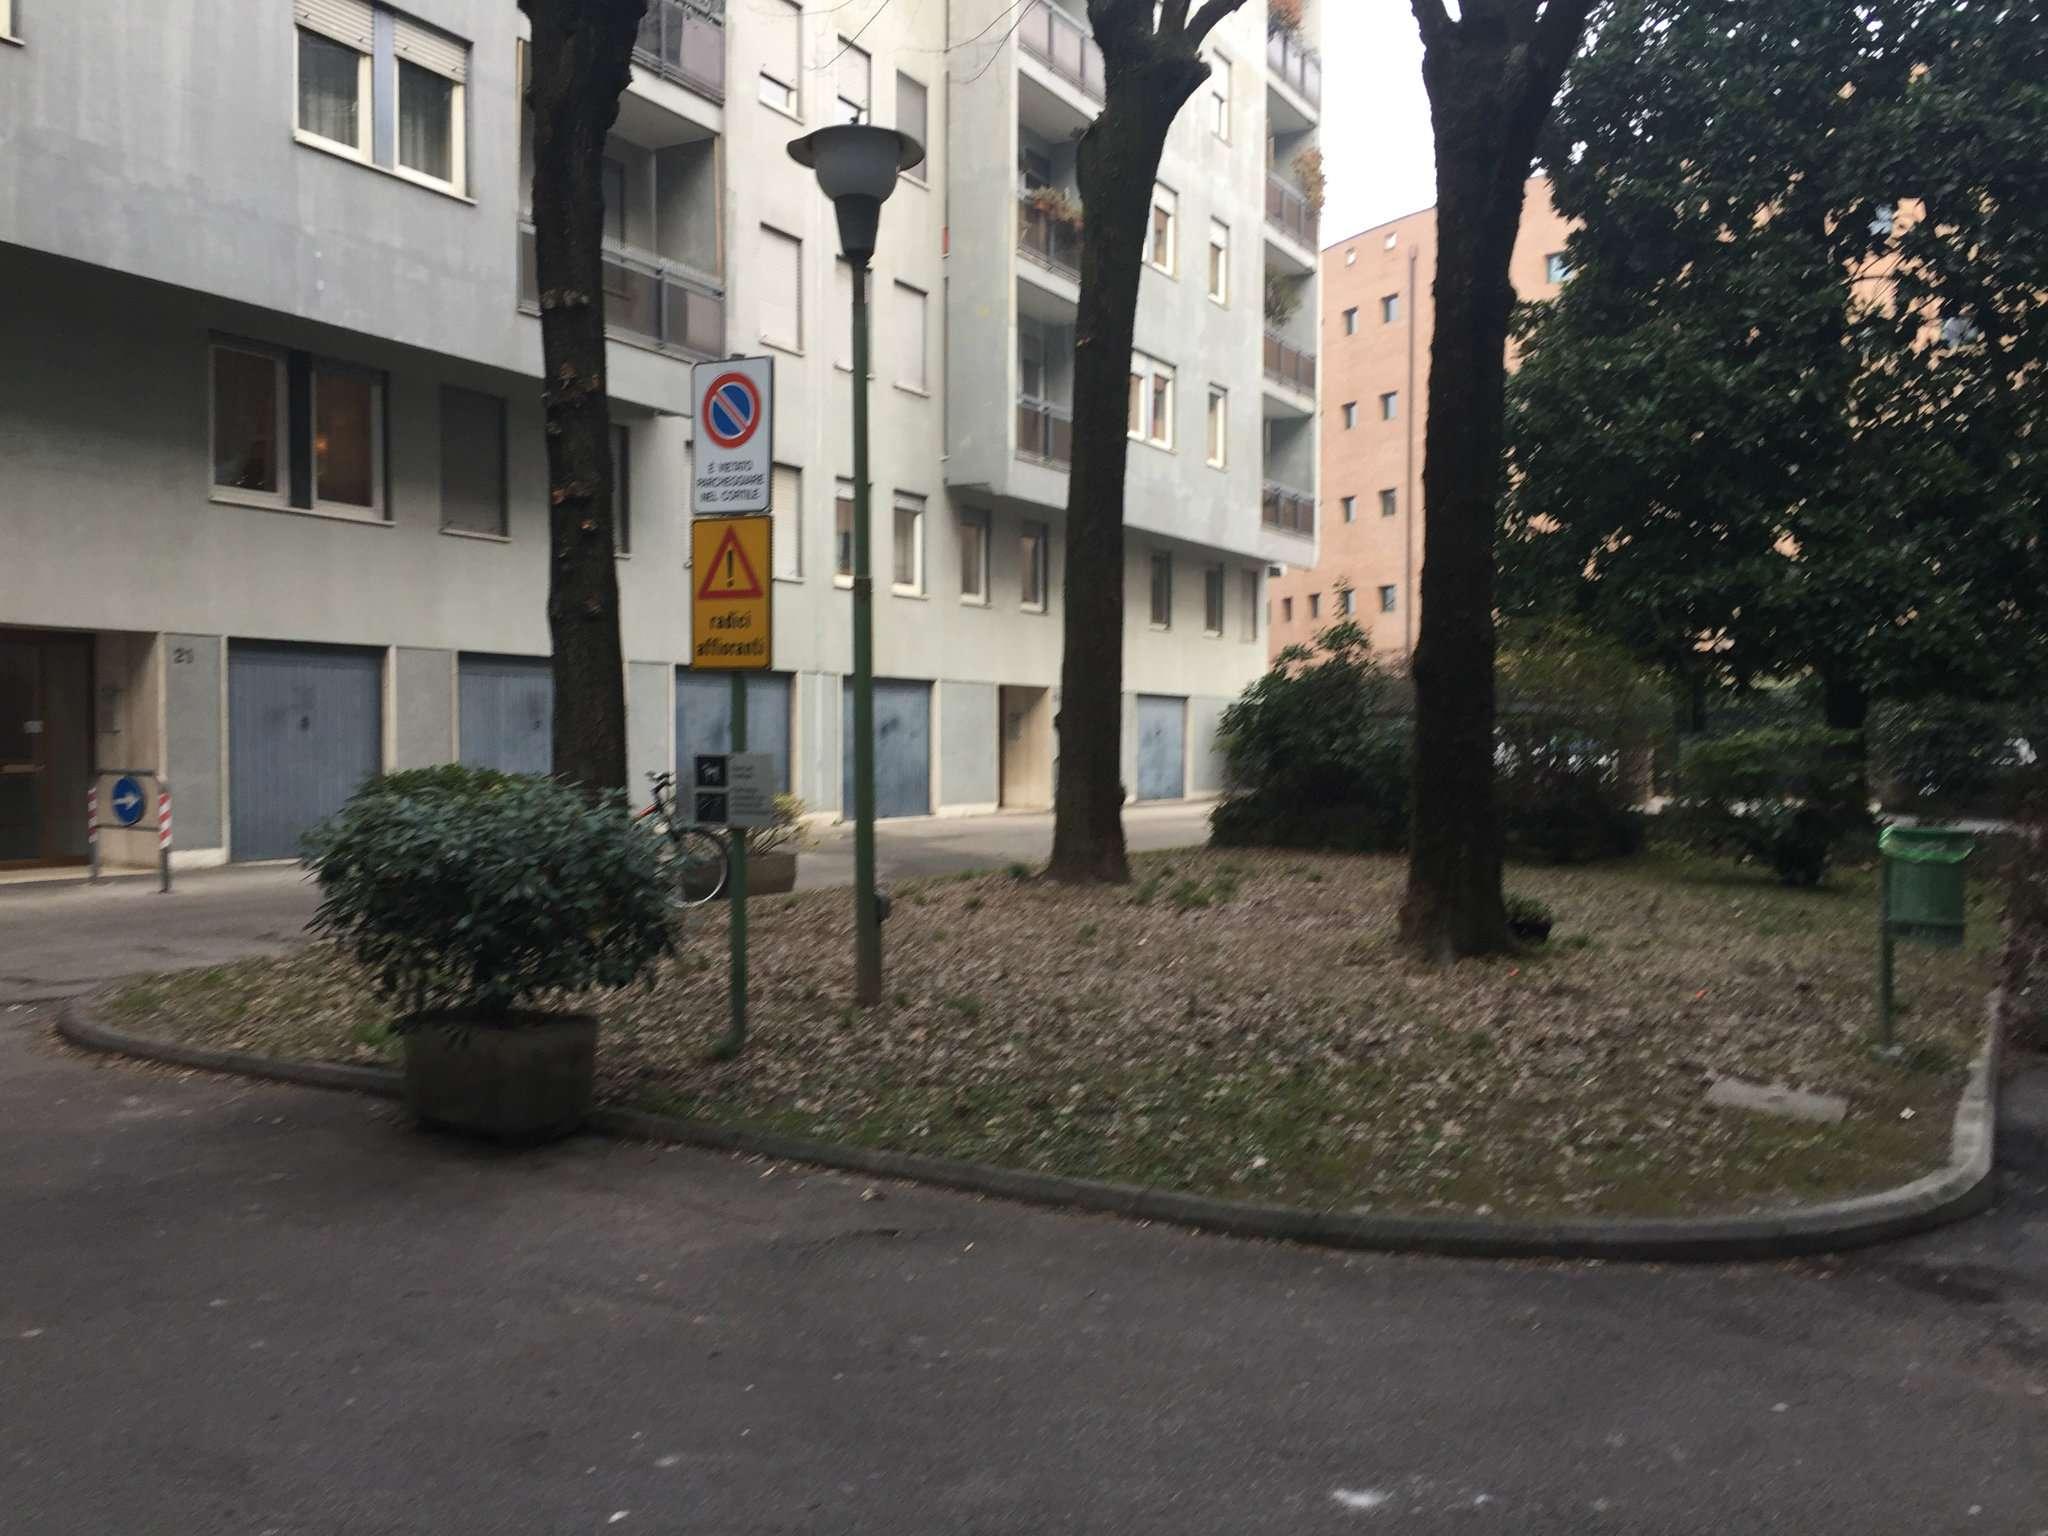 Appartamento in vendita a Venezia, 6 locali, zona Zona: 11 . Mestre, prezzo € 155.000 | Cambio Casa.it